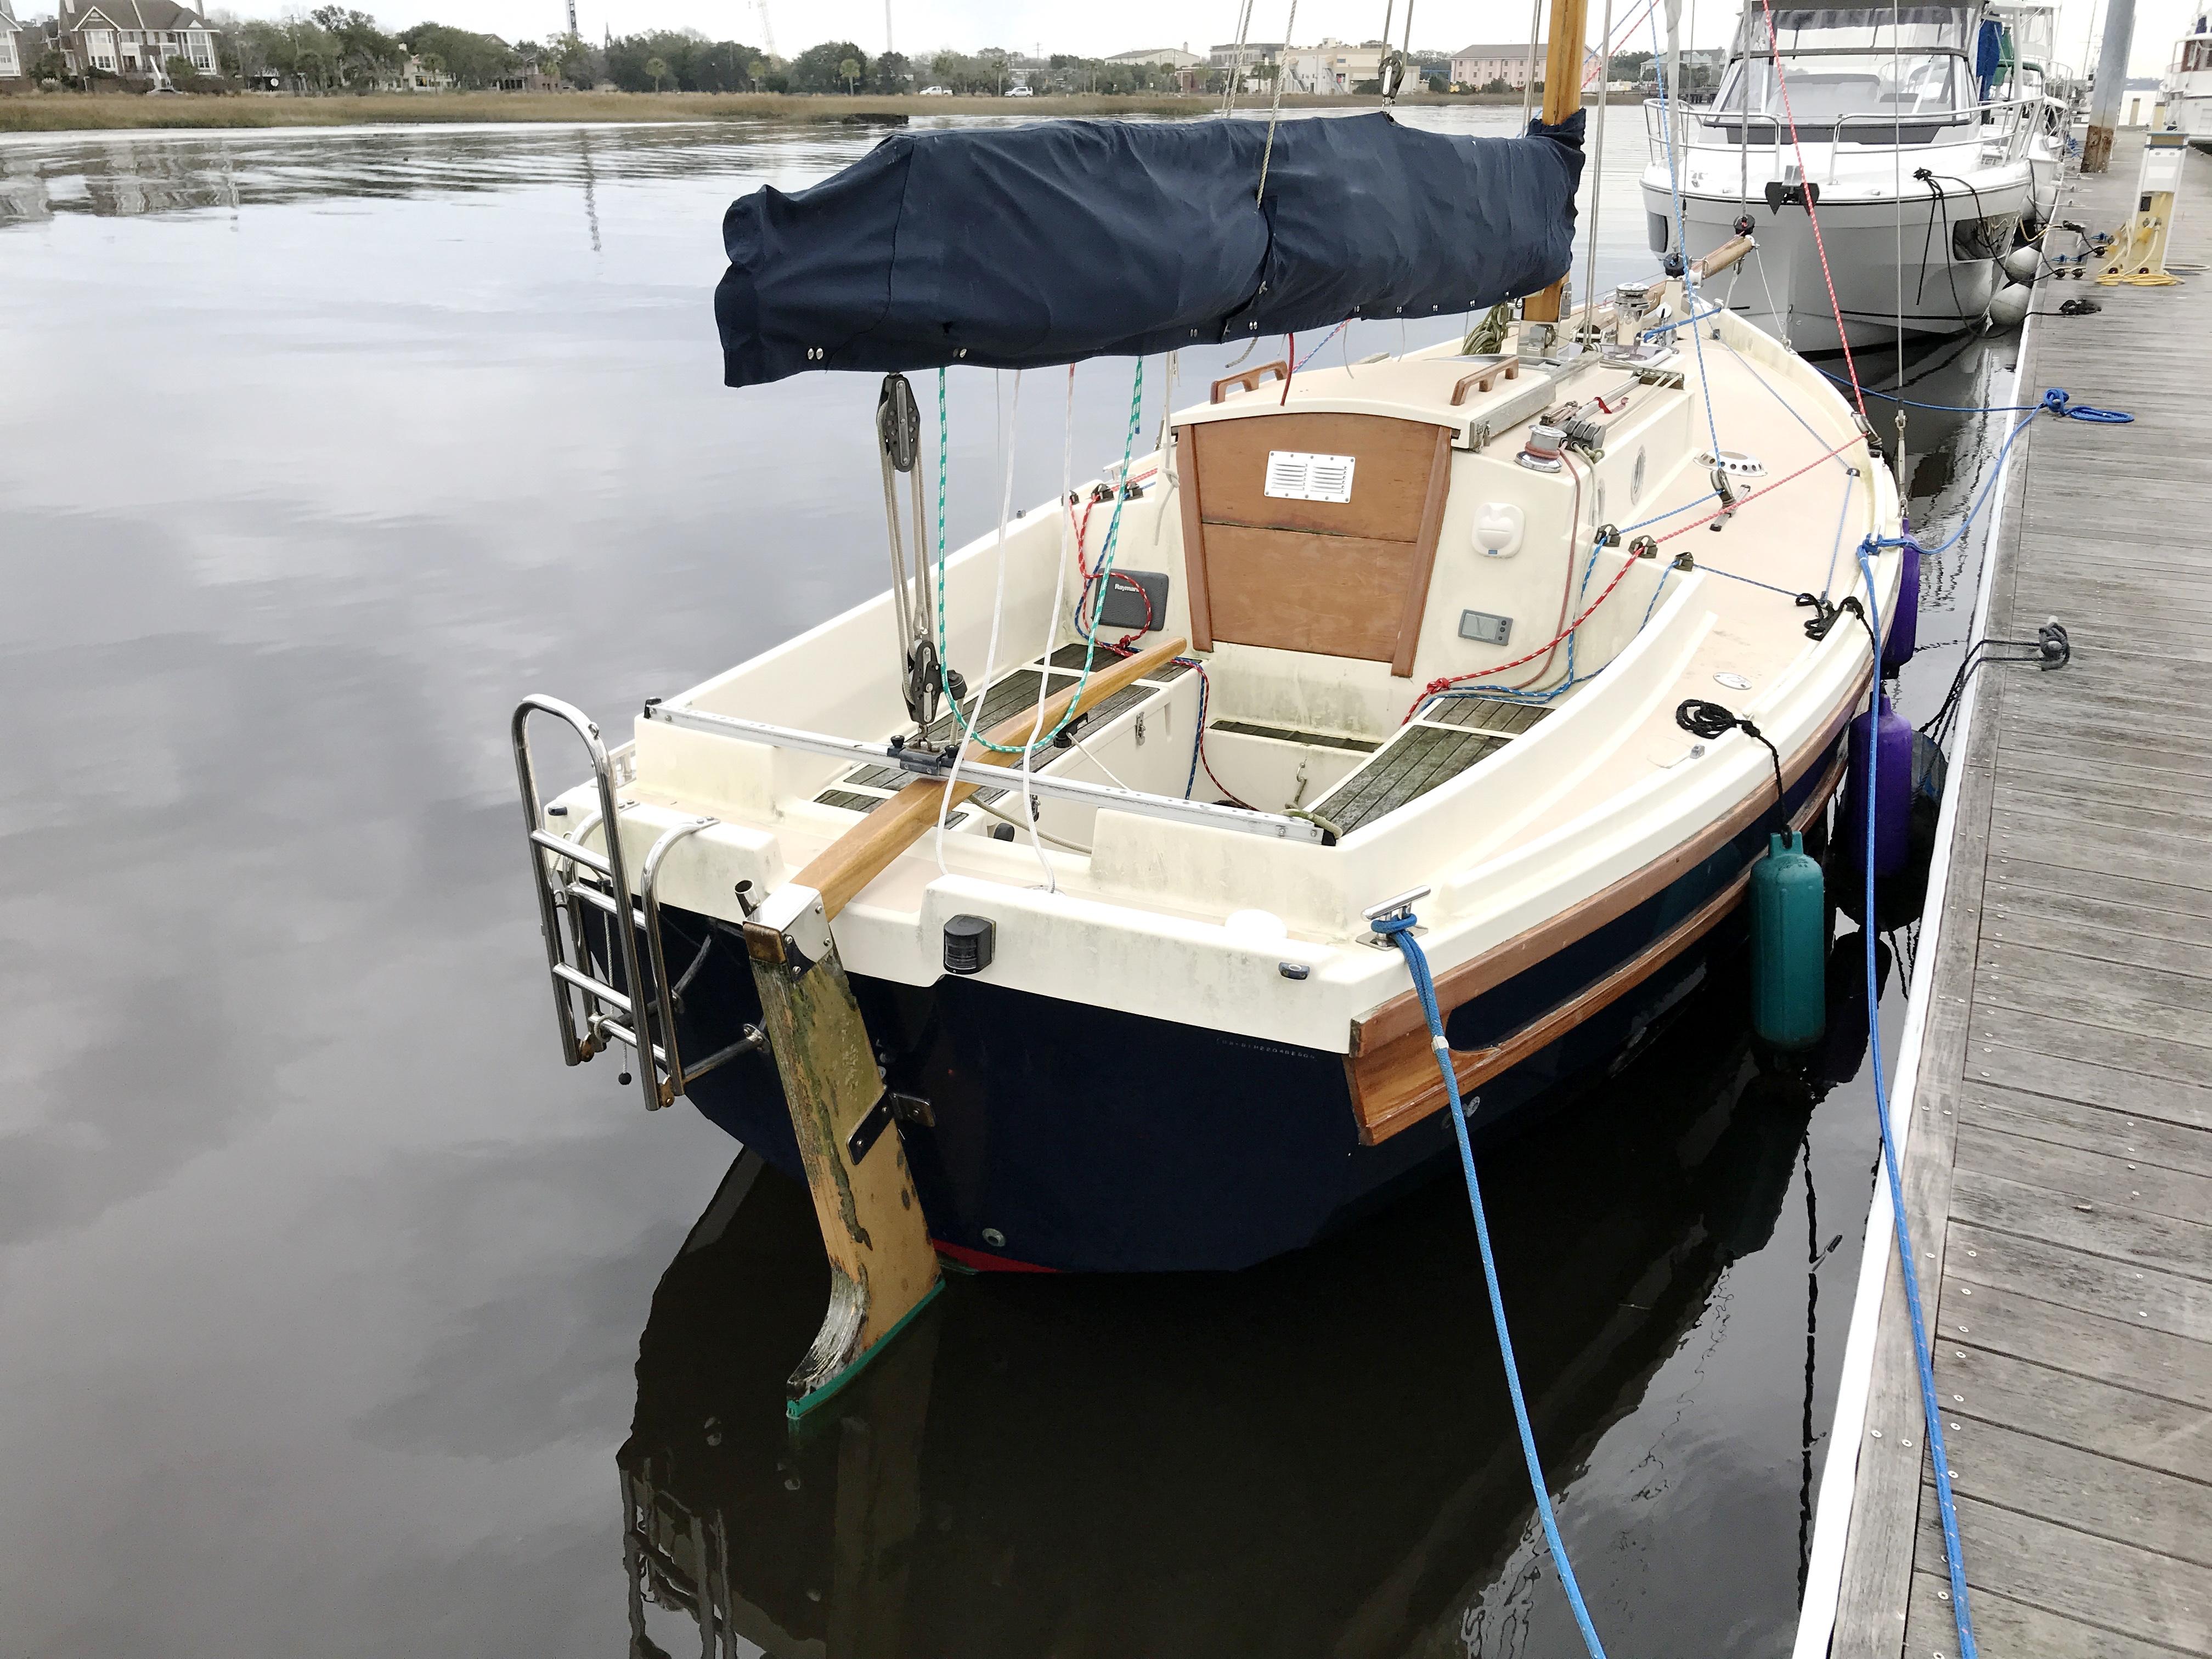 Cornish Crabbers Crabber 22 - Cornish Crabber 22 Gaf rigged cutter stern